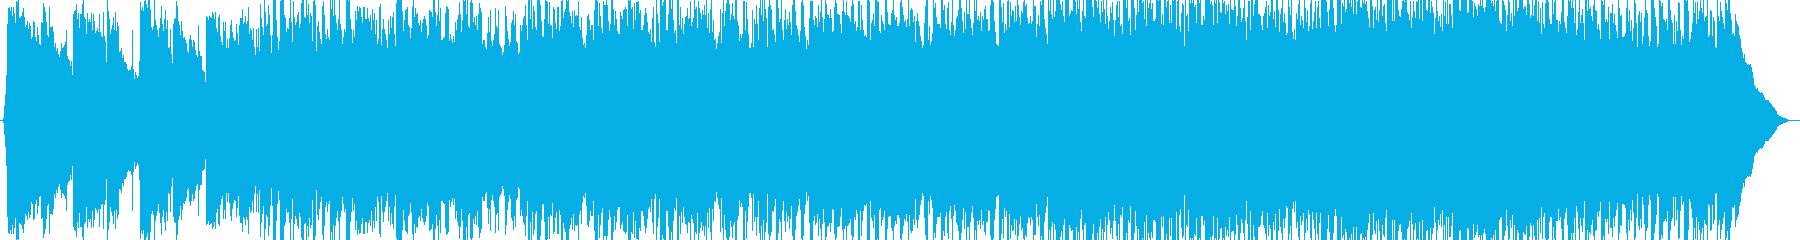 吹き替え、プレゼンテーション、ビデ...の再生済みの波形